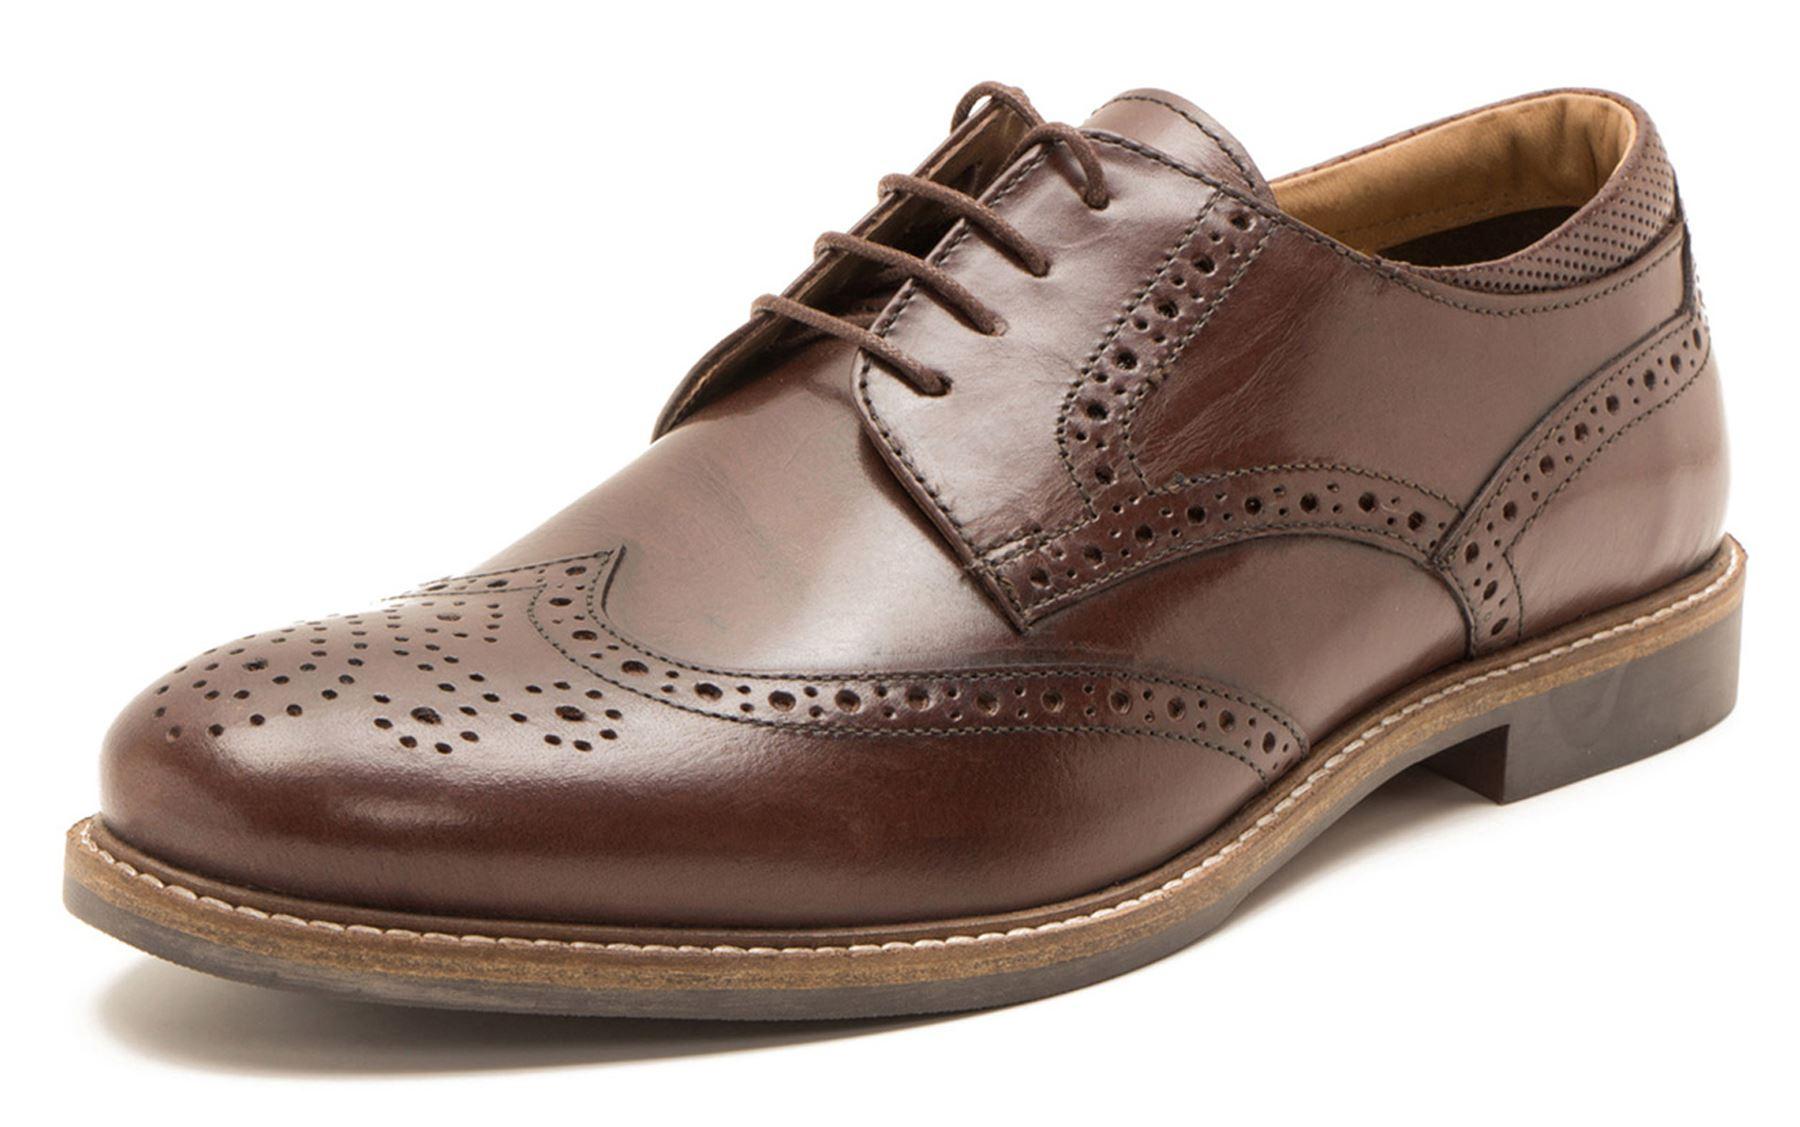 Red Tape - Zapatos de cordones para hombre marrón marrón U058wB